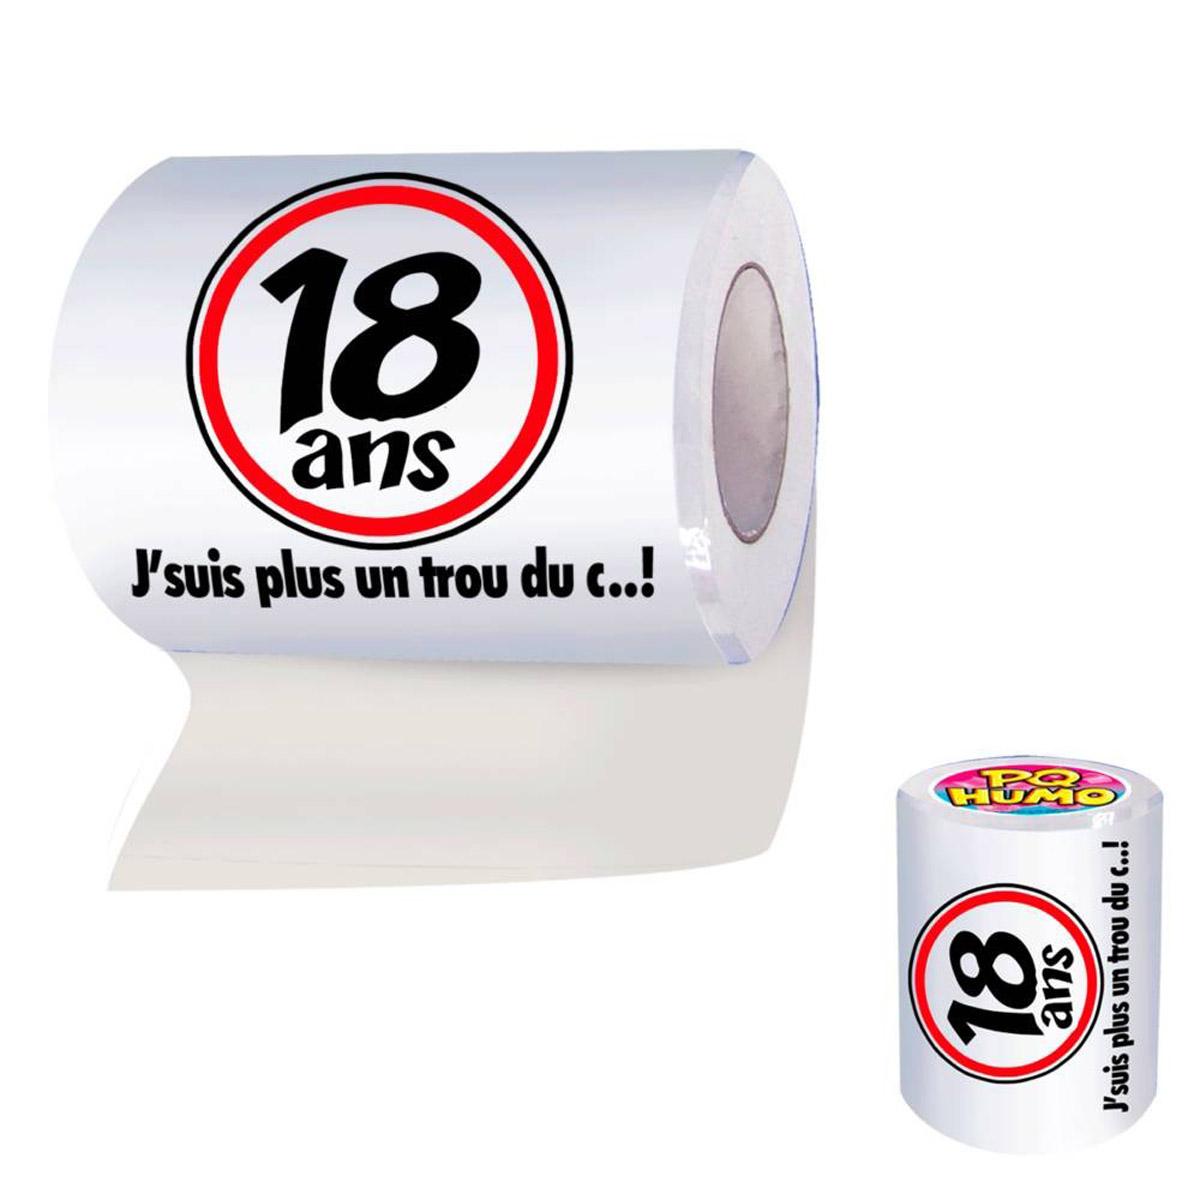 Rouleau WC \'18 ans\'  - [H6864]